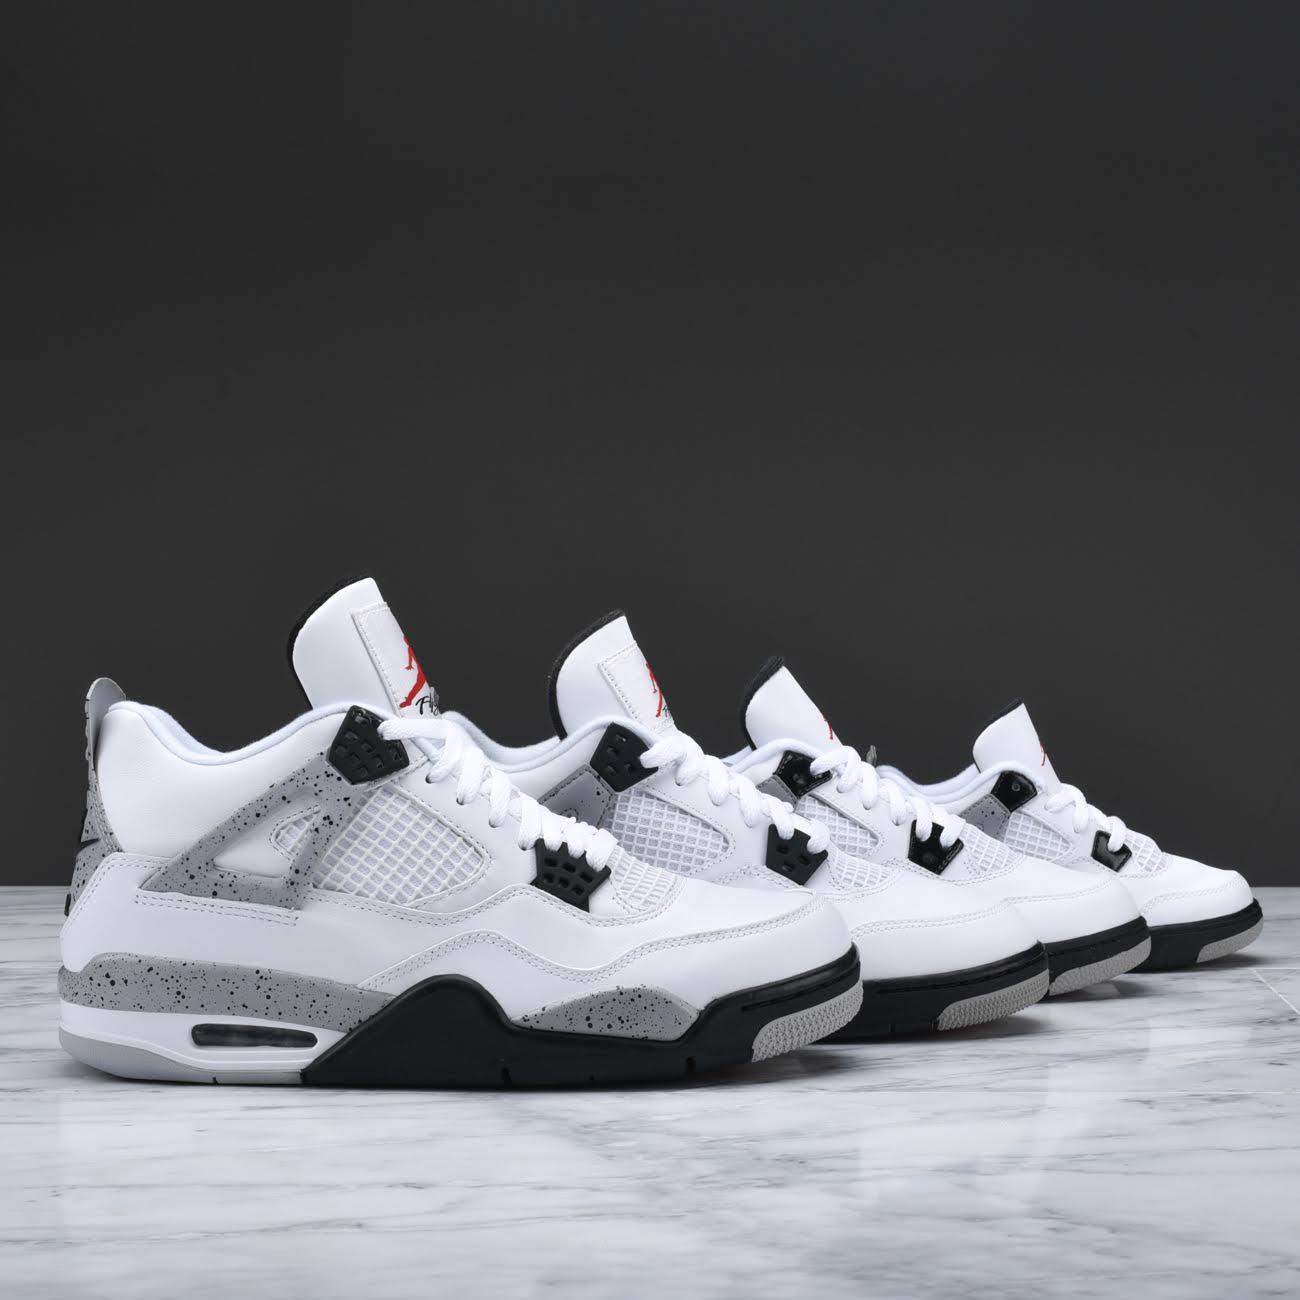 9c02b62a298f3e Where to Cop the Air Jordan 4 Retro  White Cement  with Nike Air ...